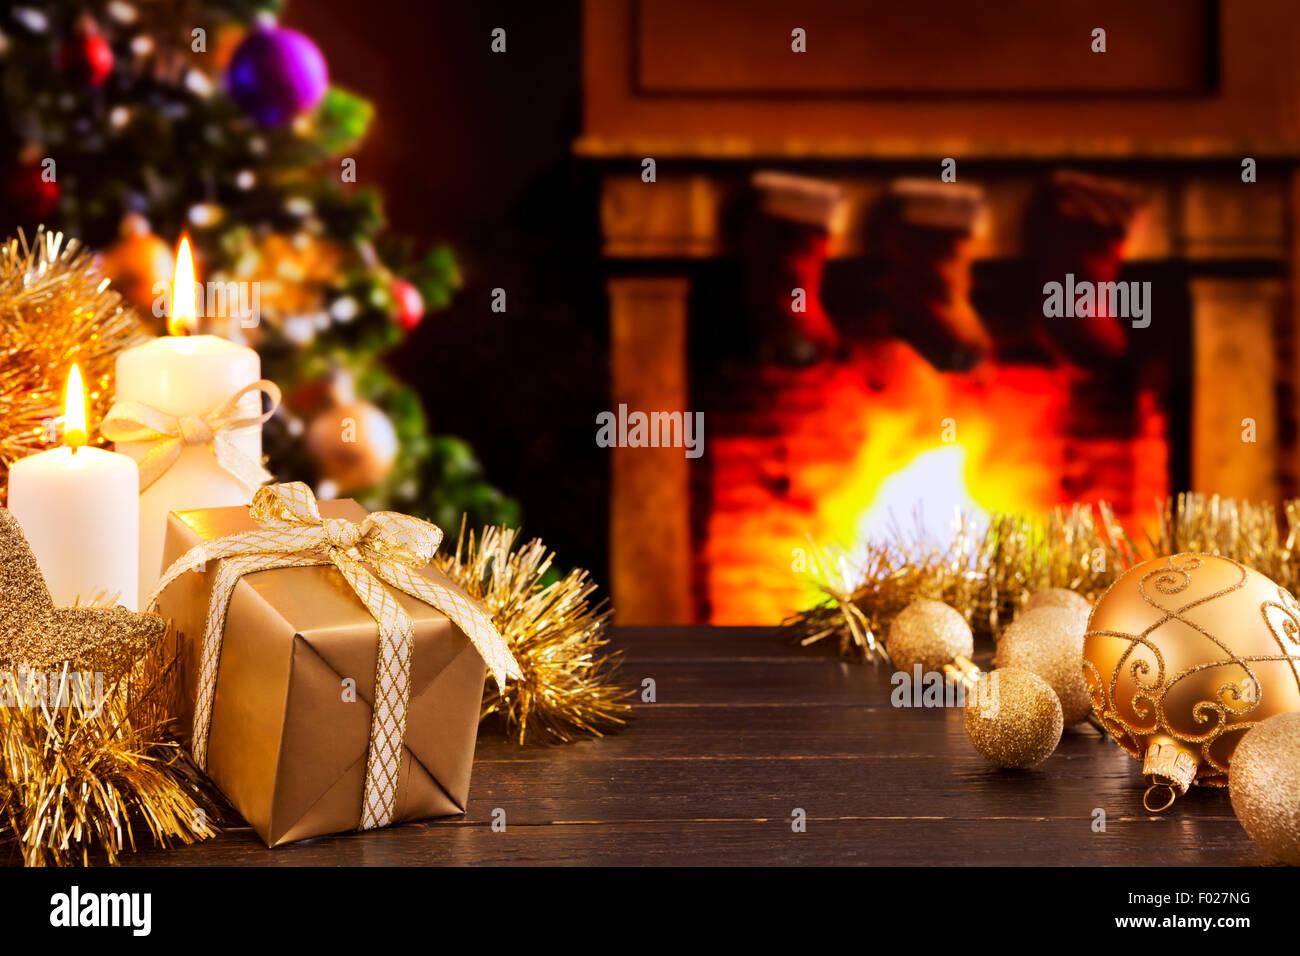 Décorations de Noël, un cadeau et des bougies devant une cheminée. Un feu brûle dans la cheminée. Photo Stock